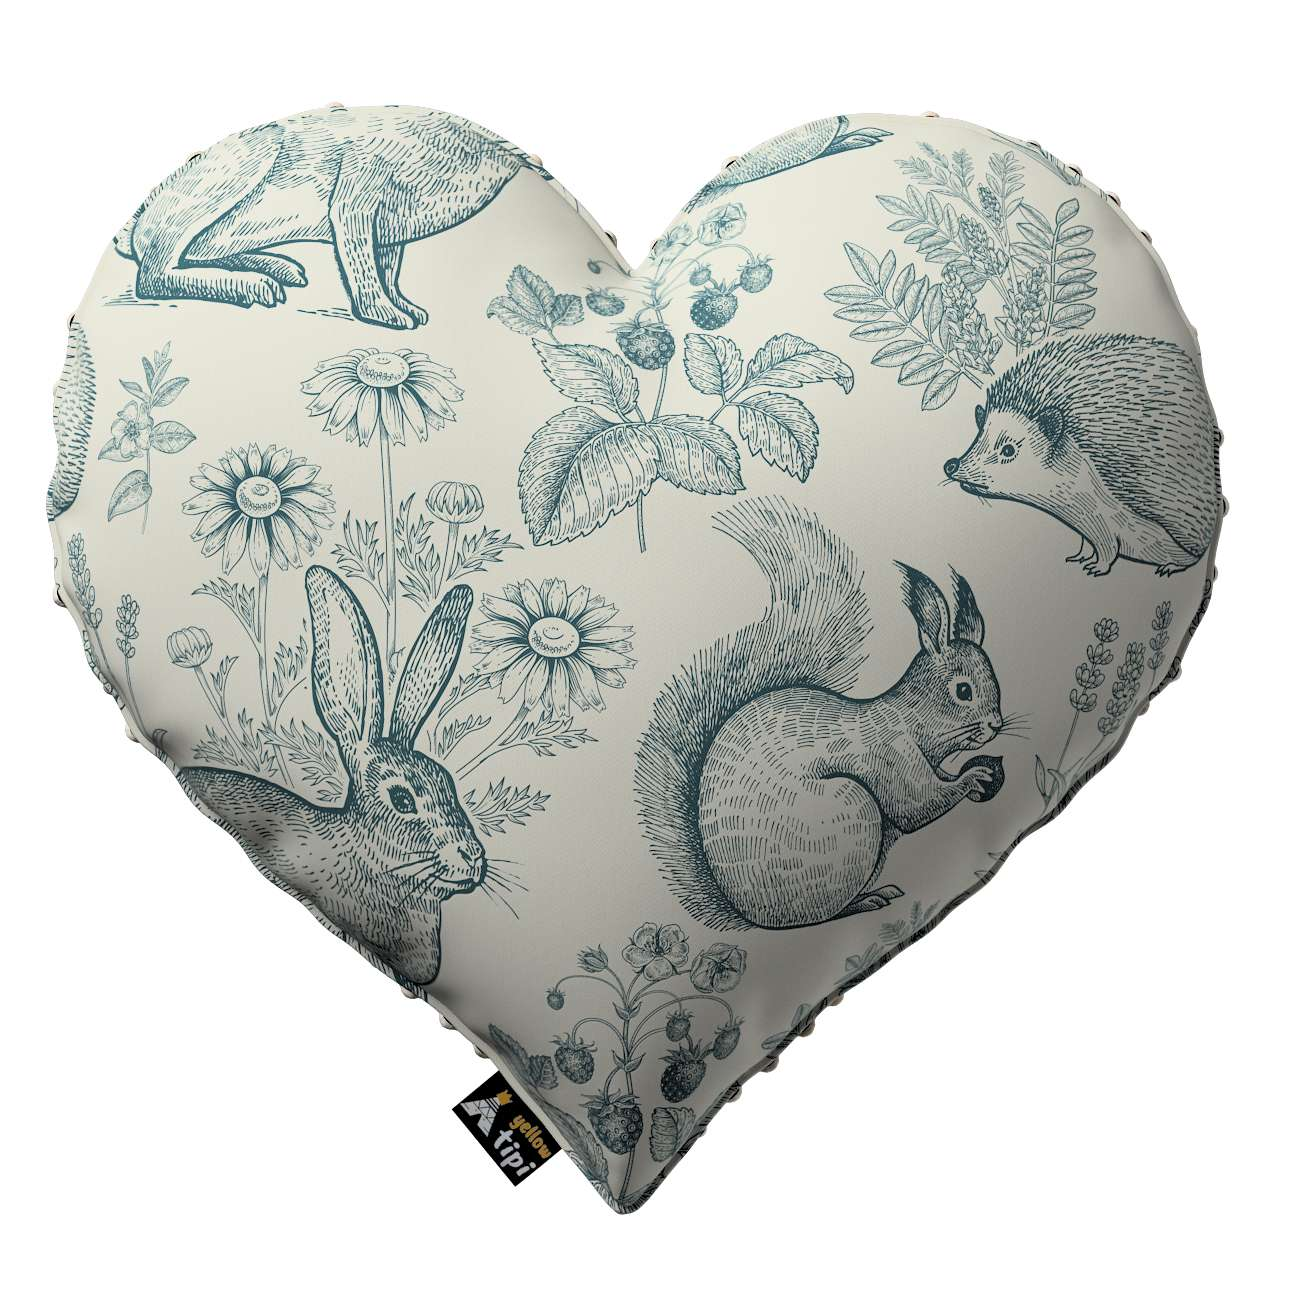 Kissen Heart of Love aus Minky von der Kollektion Magic Collection, Stoff: 500-04